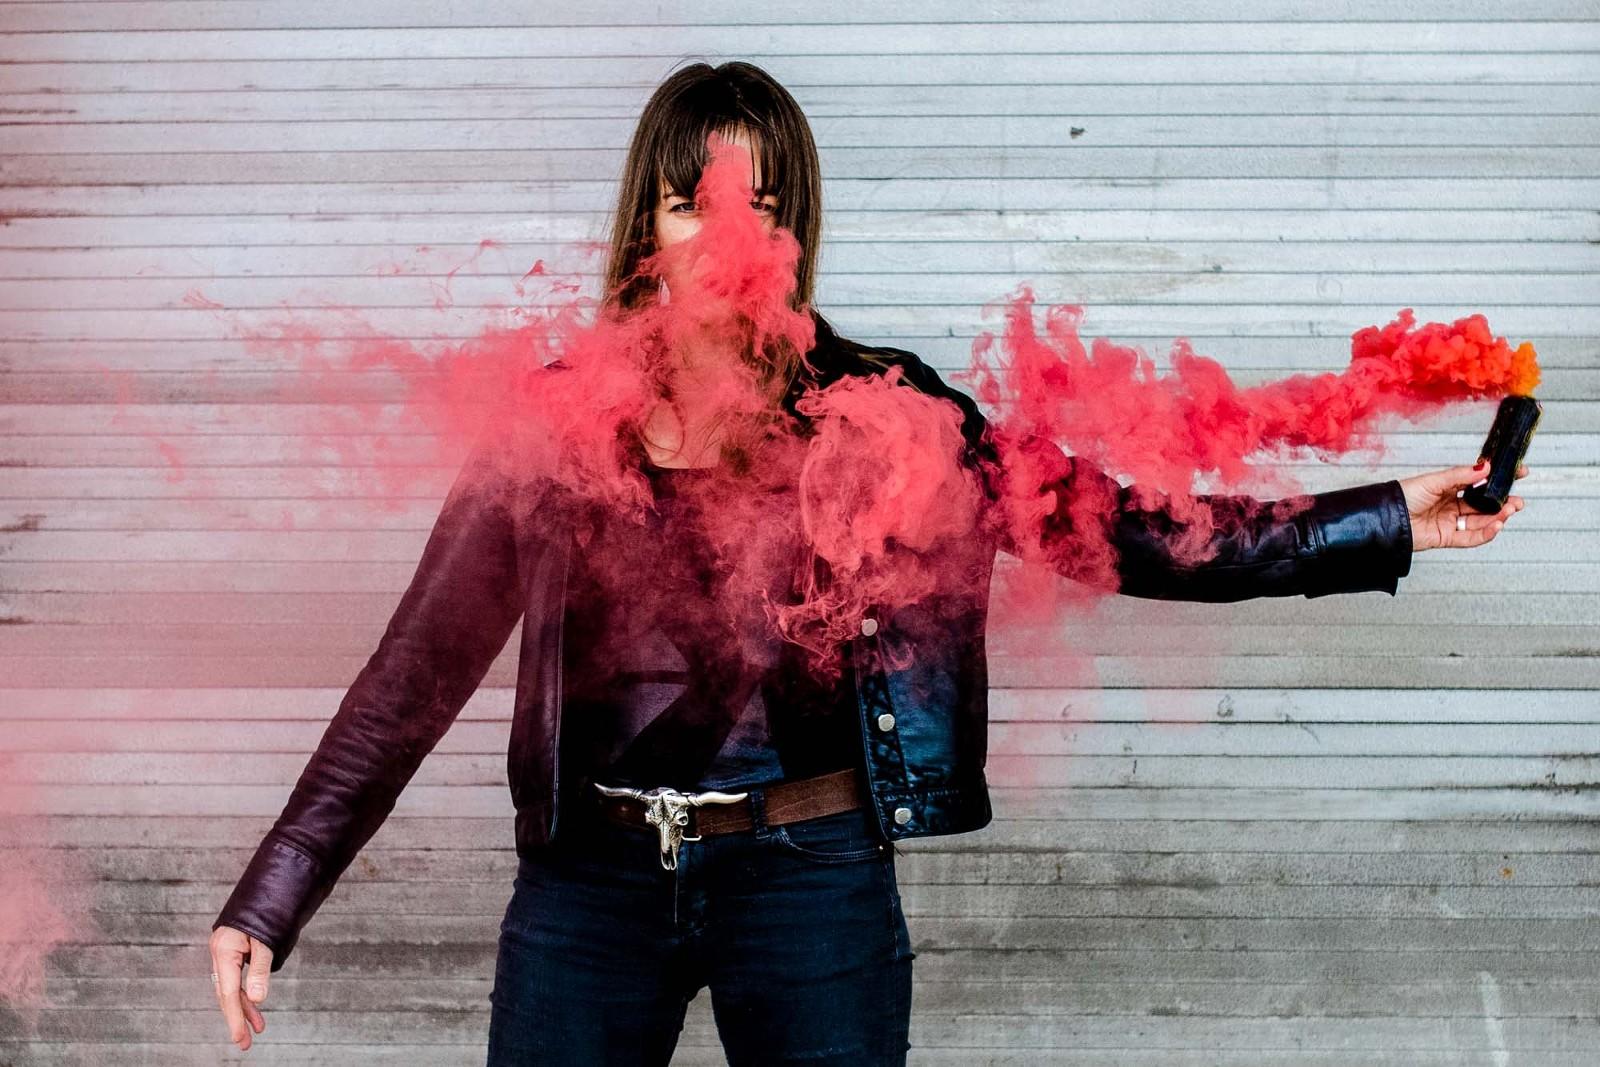 Portraitfoto einer Frau mit roter Rauchbombe